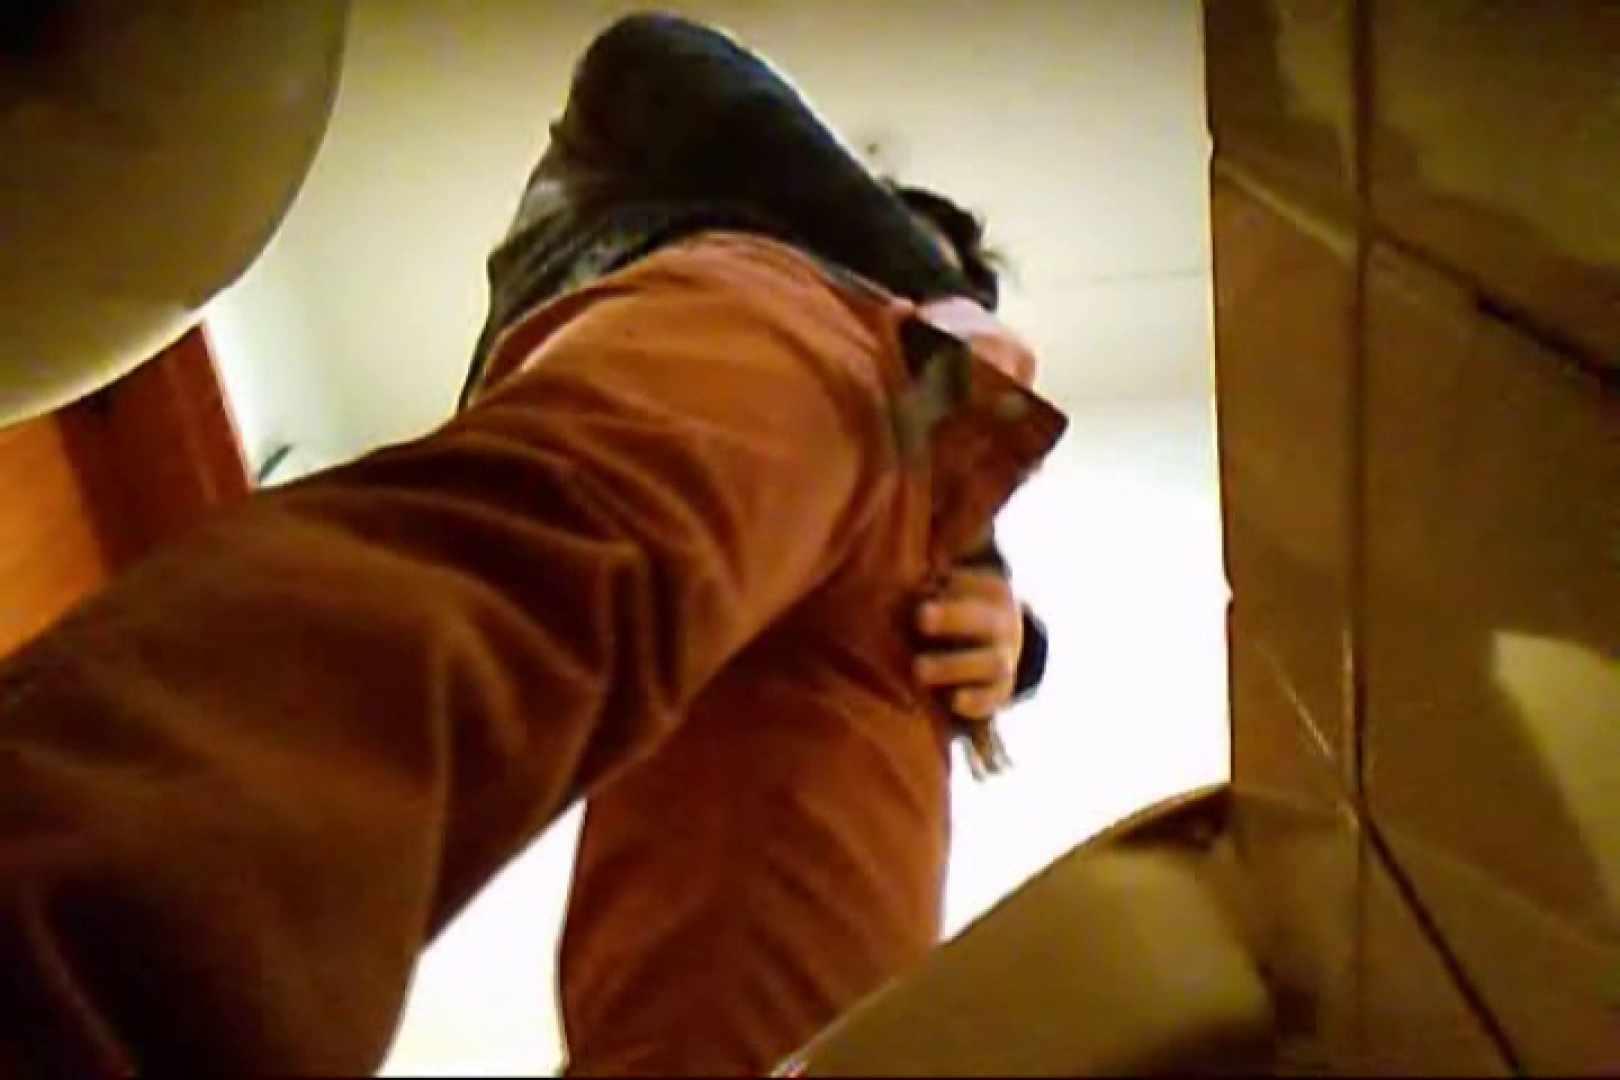 Gボーイ初投稿!掴み取りさんの洗面所覗き!in新幹線!VOL.16 完全無修正でお届け | おやじ熊系ボーイズ  77pic 48